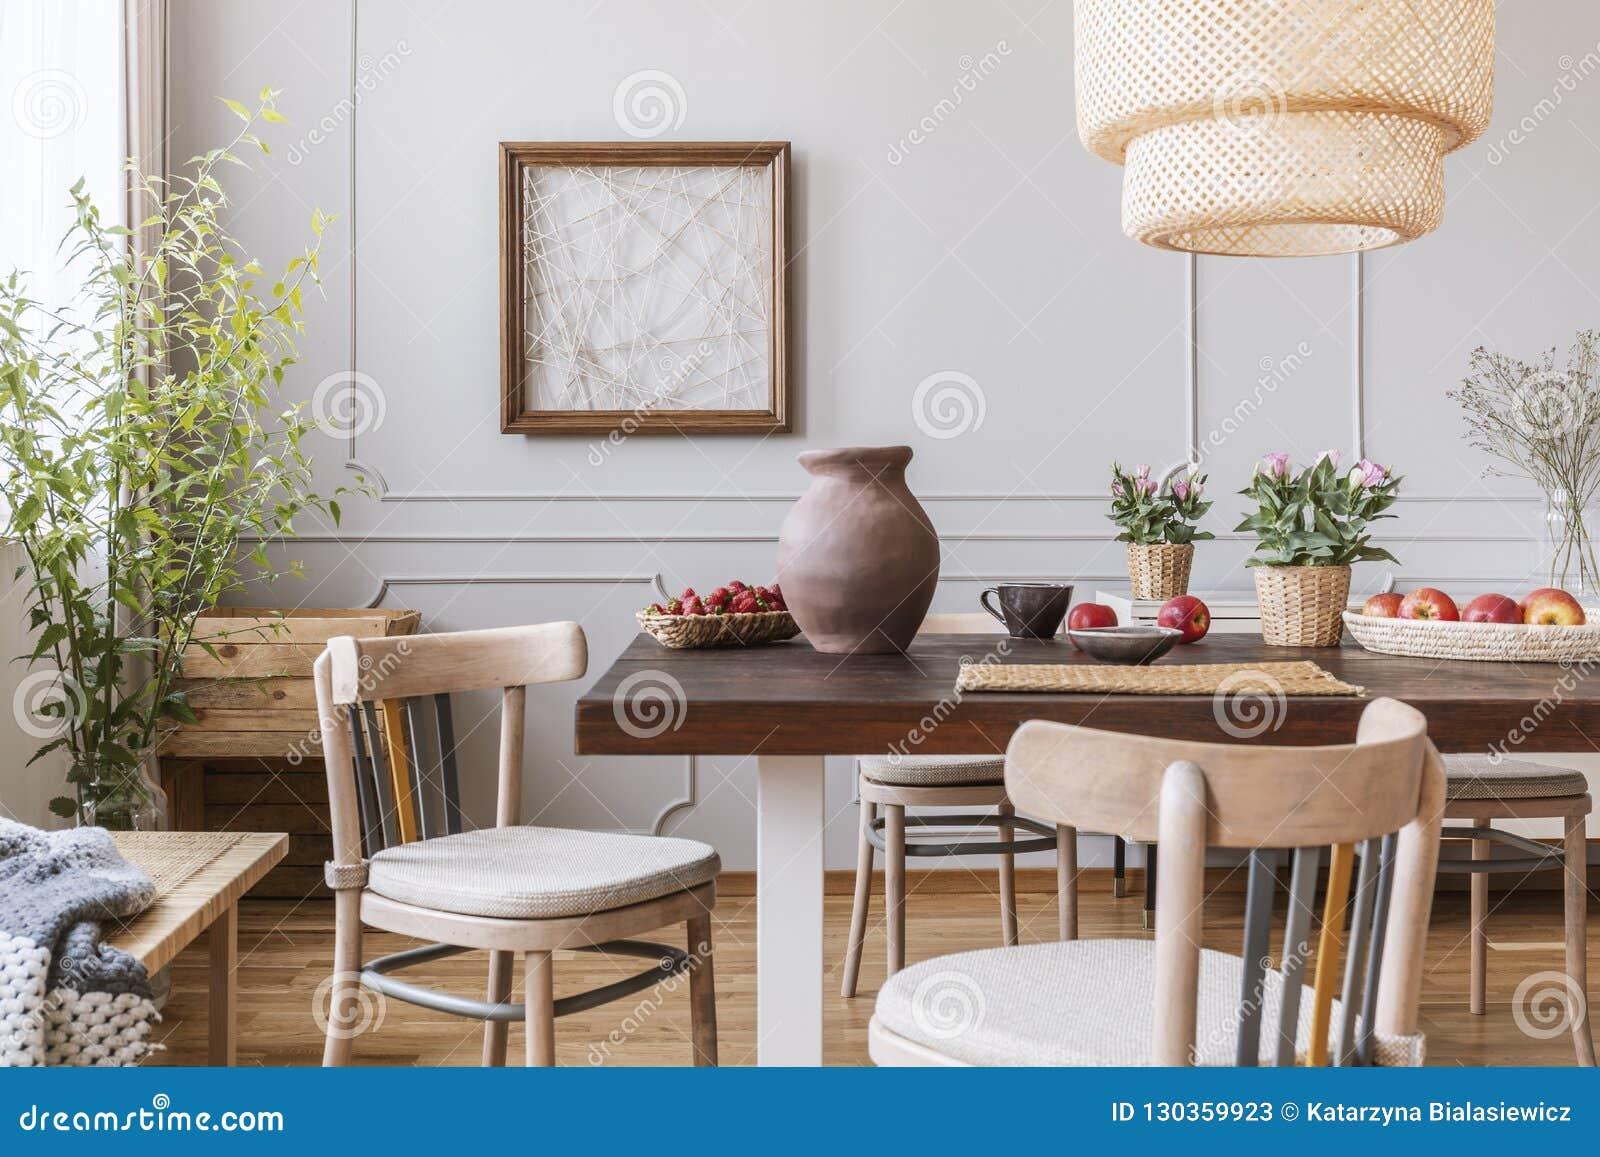 Uitstekende houten stoelen in woonkamer met lange lijst met aardbeien, appelen, vaas en bloemen op het, echte foto